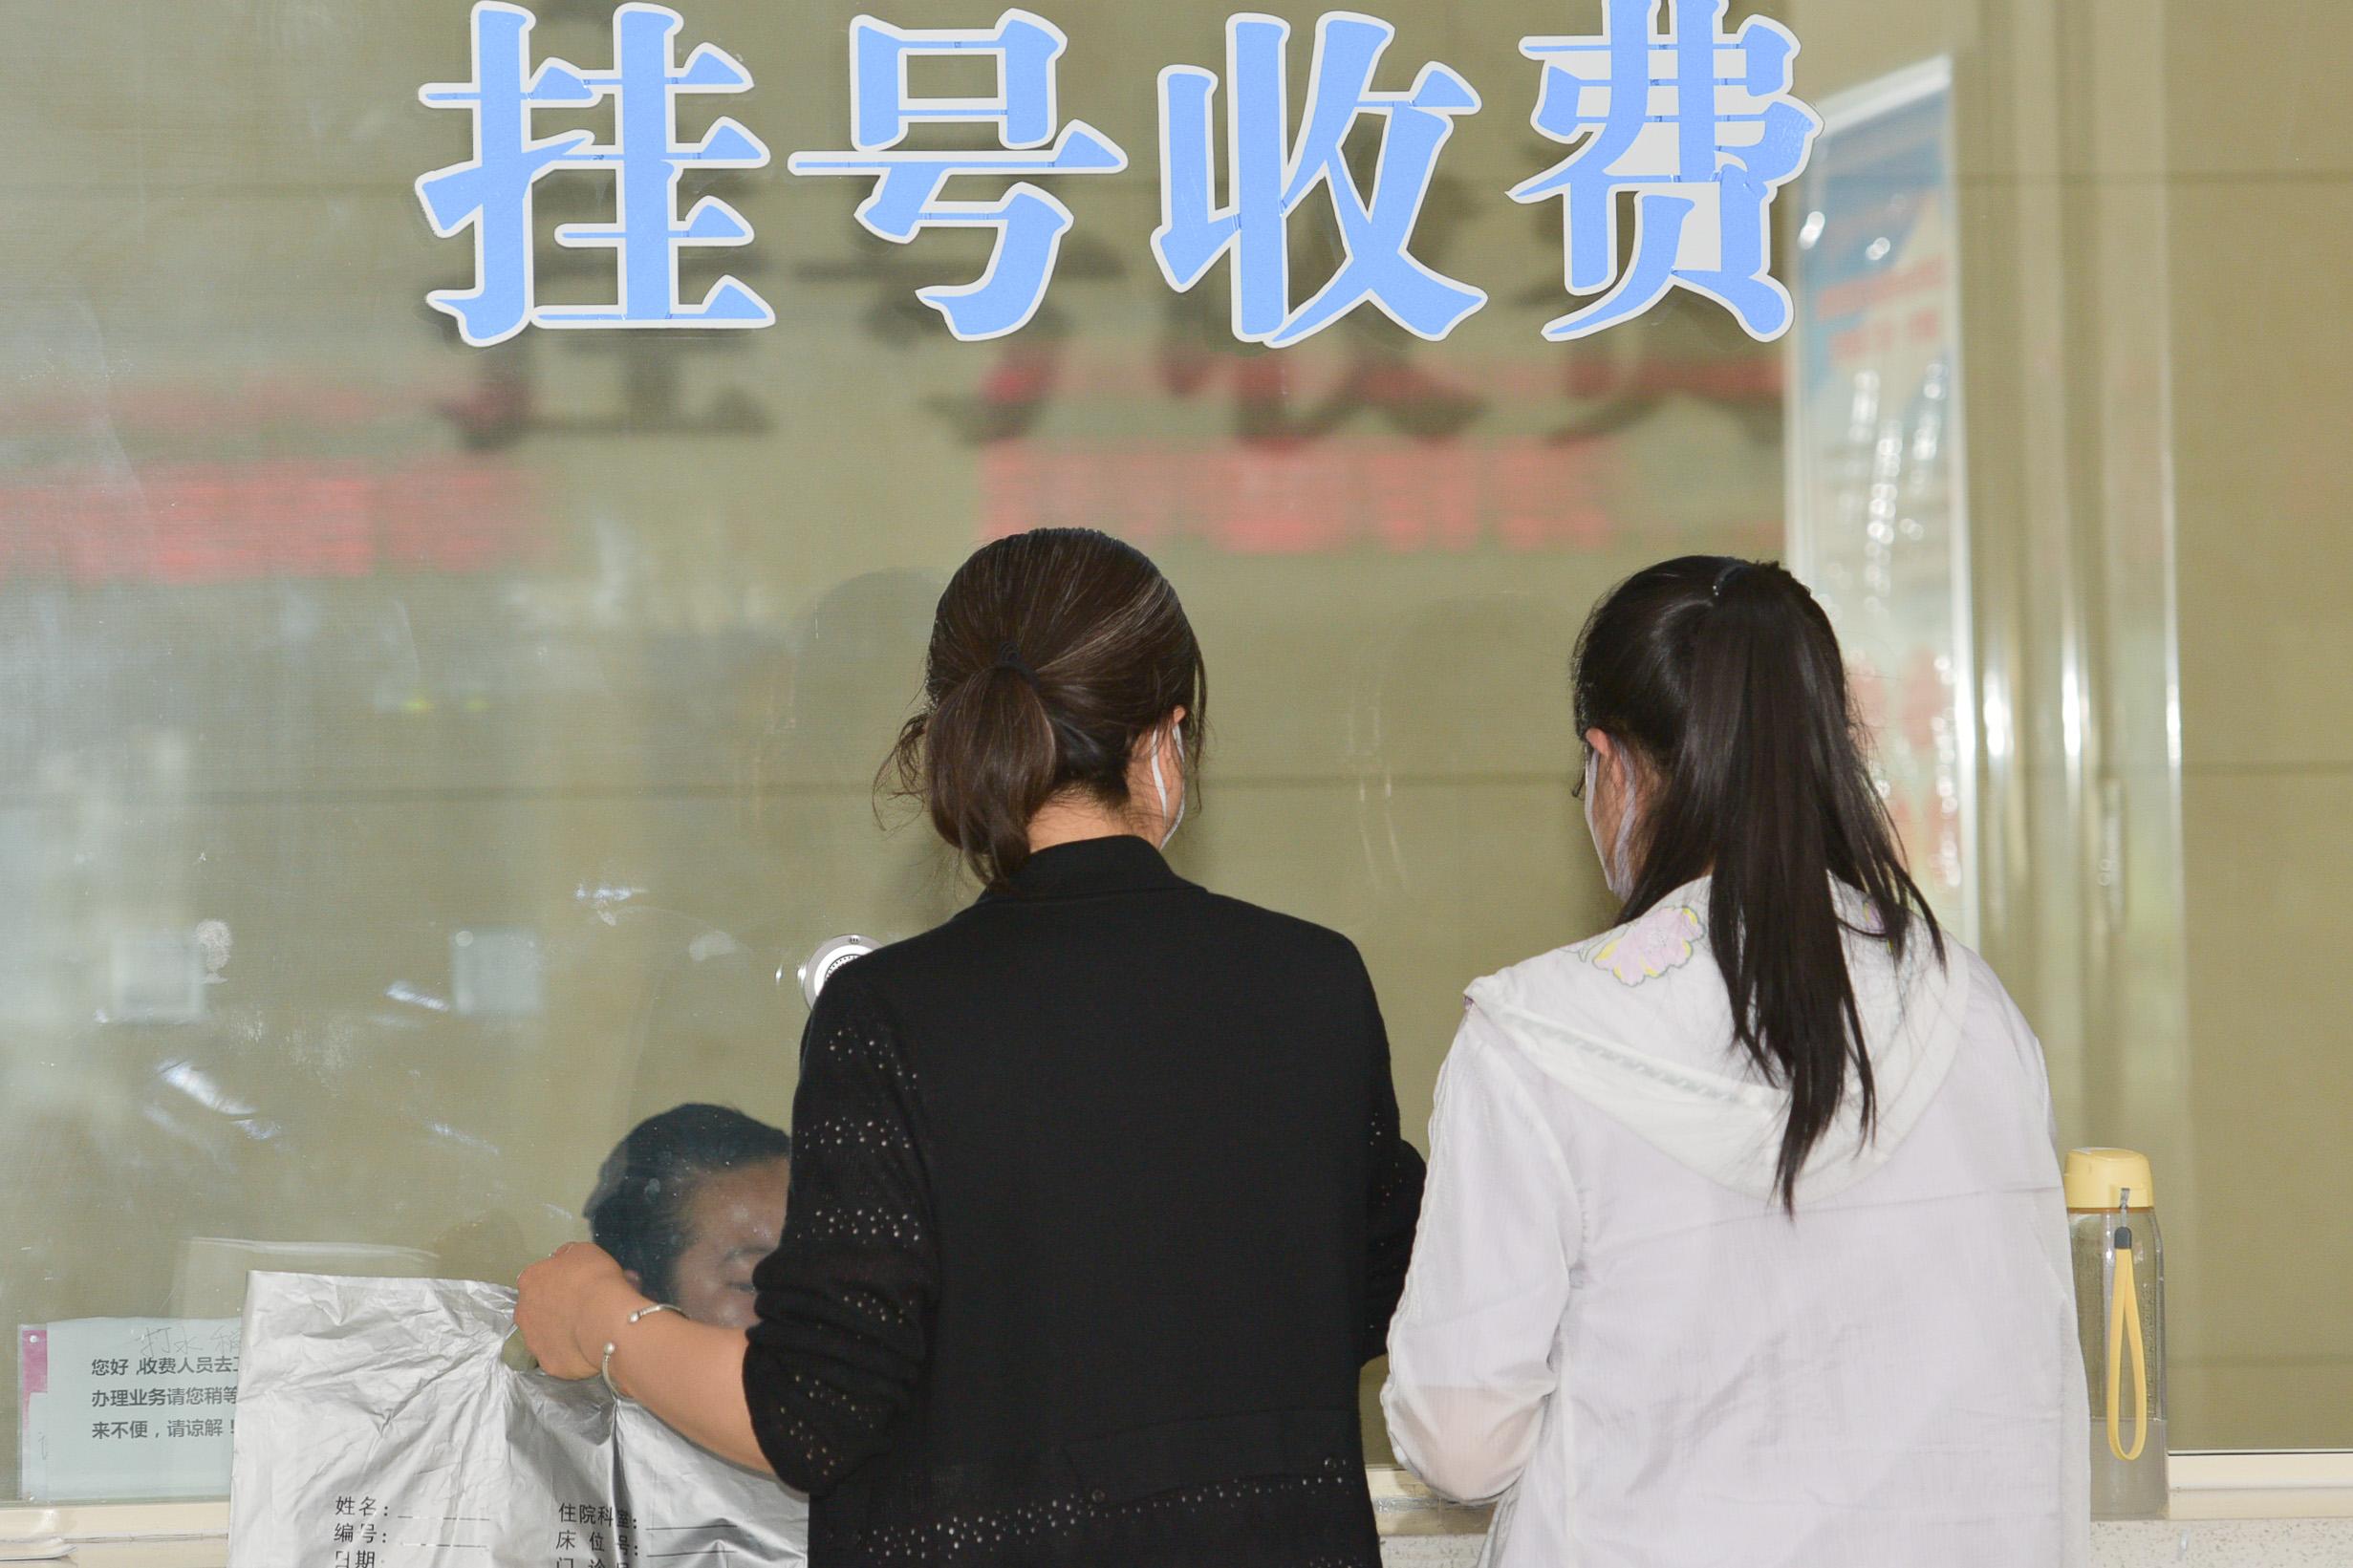 国内首部经阴道腹腔镜手术书籍面世